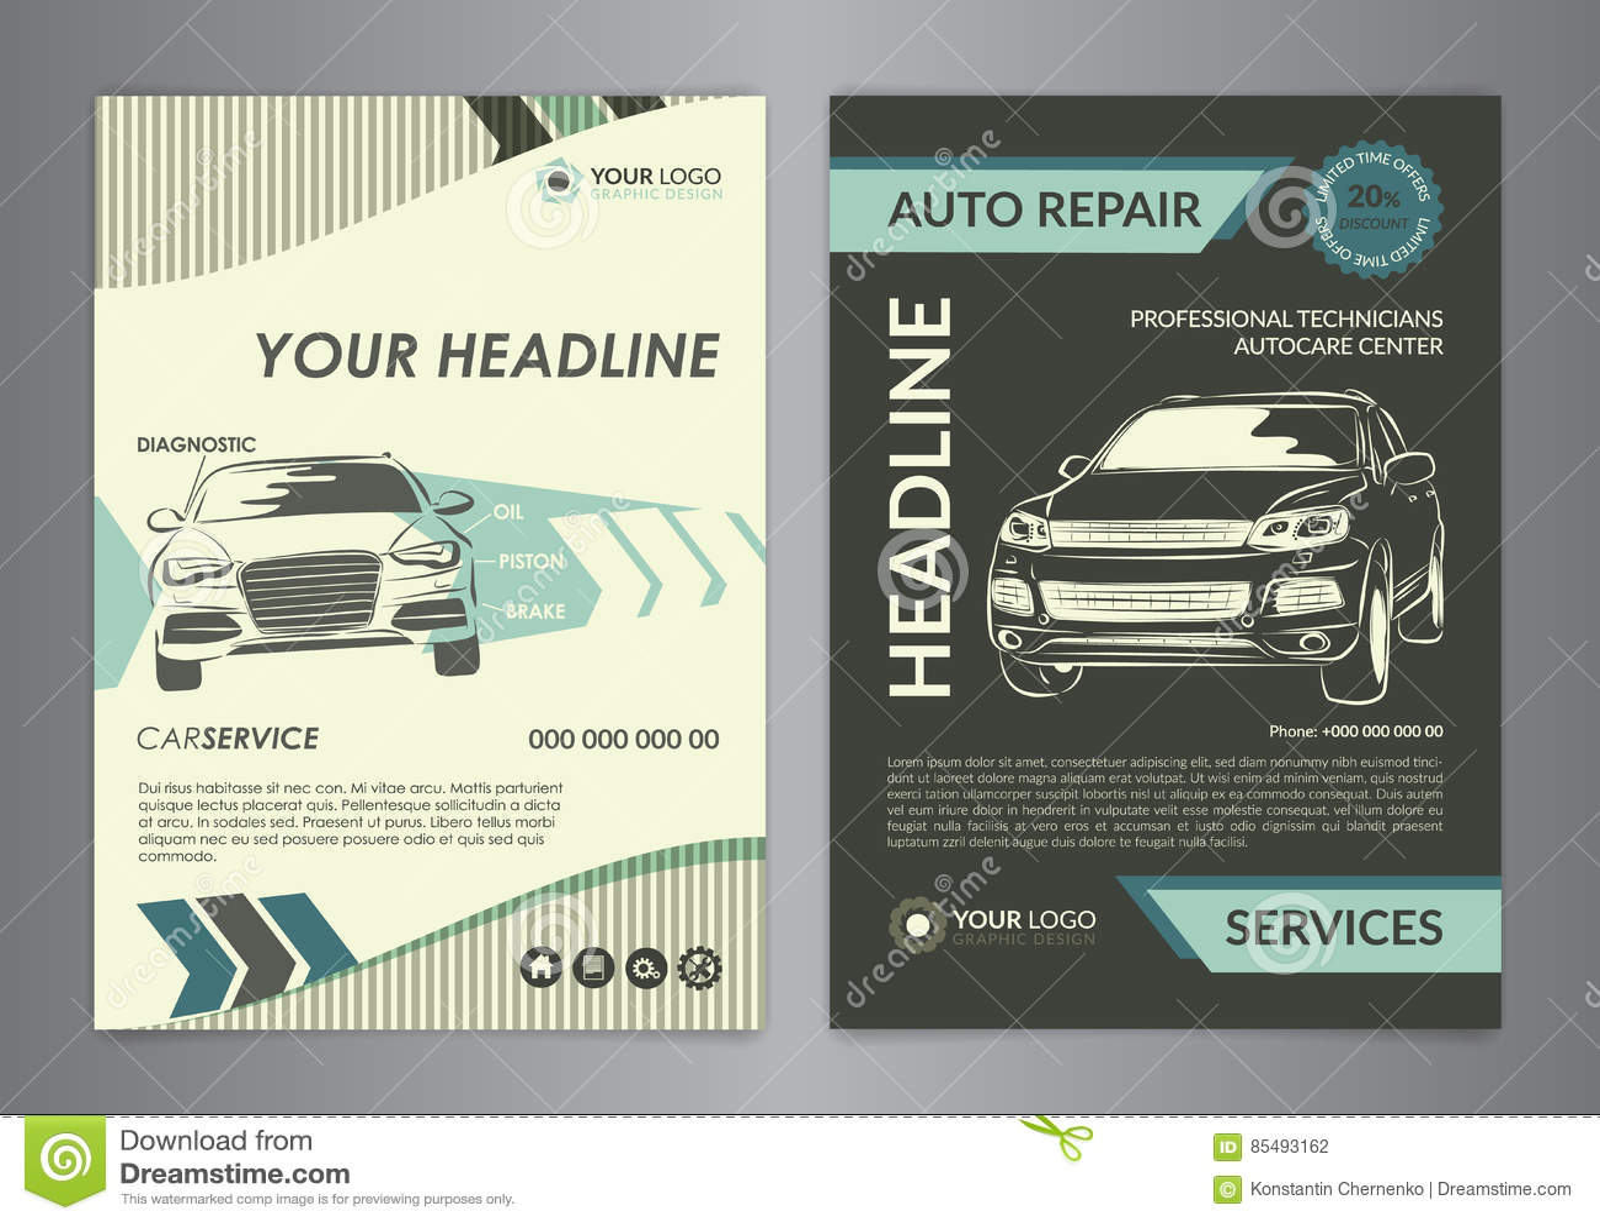 Gemütlich Auto Motor Layout Fotos - Verdrahtungsideen - korsmi.info